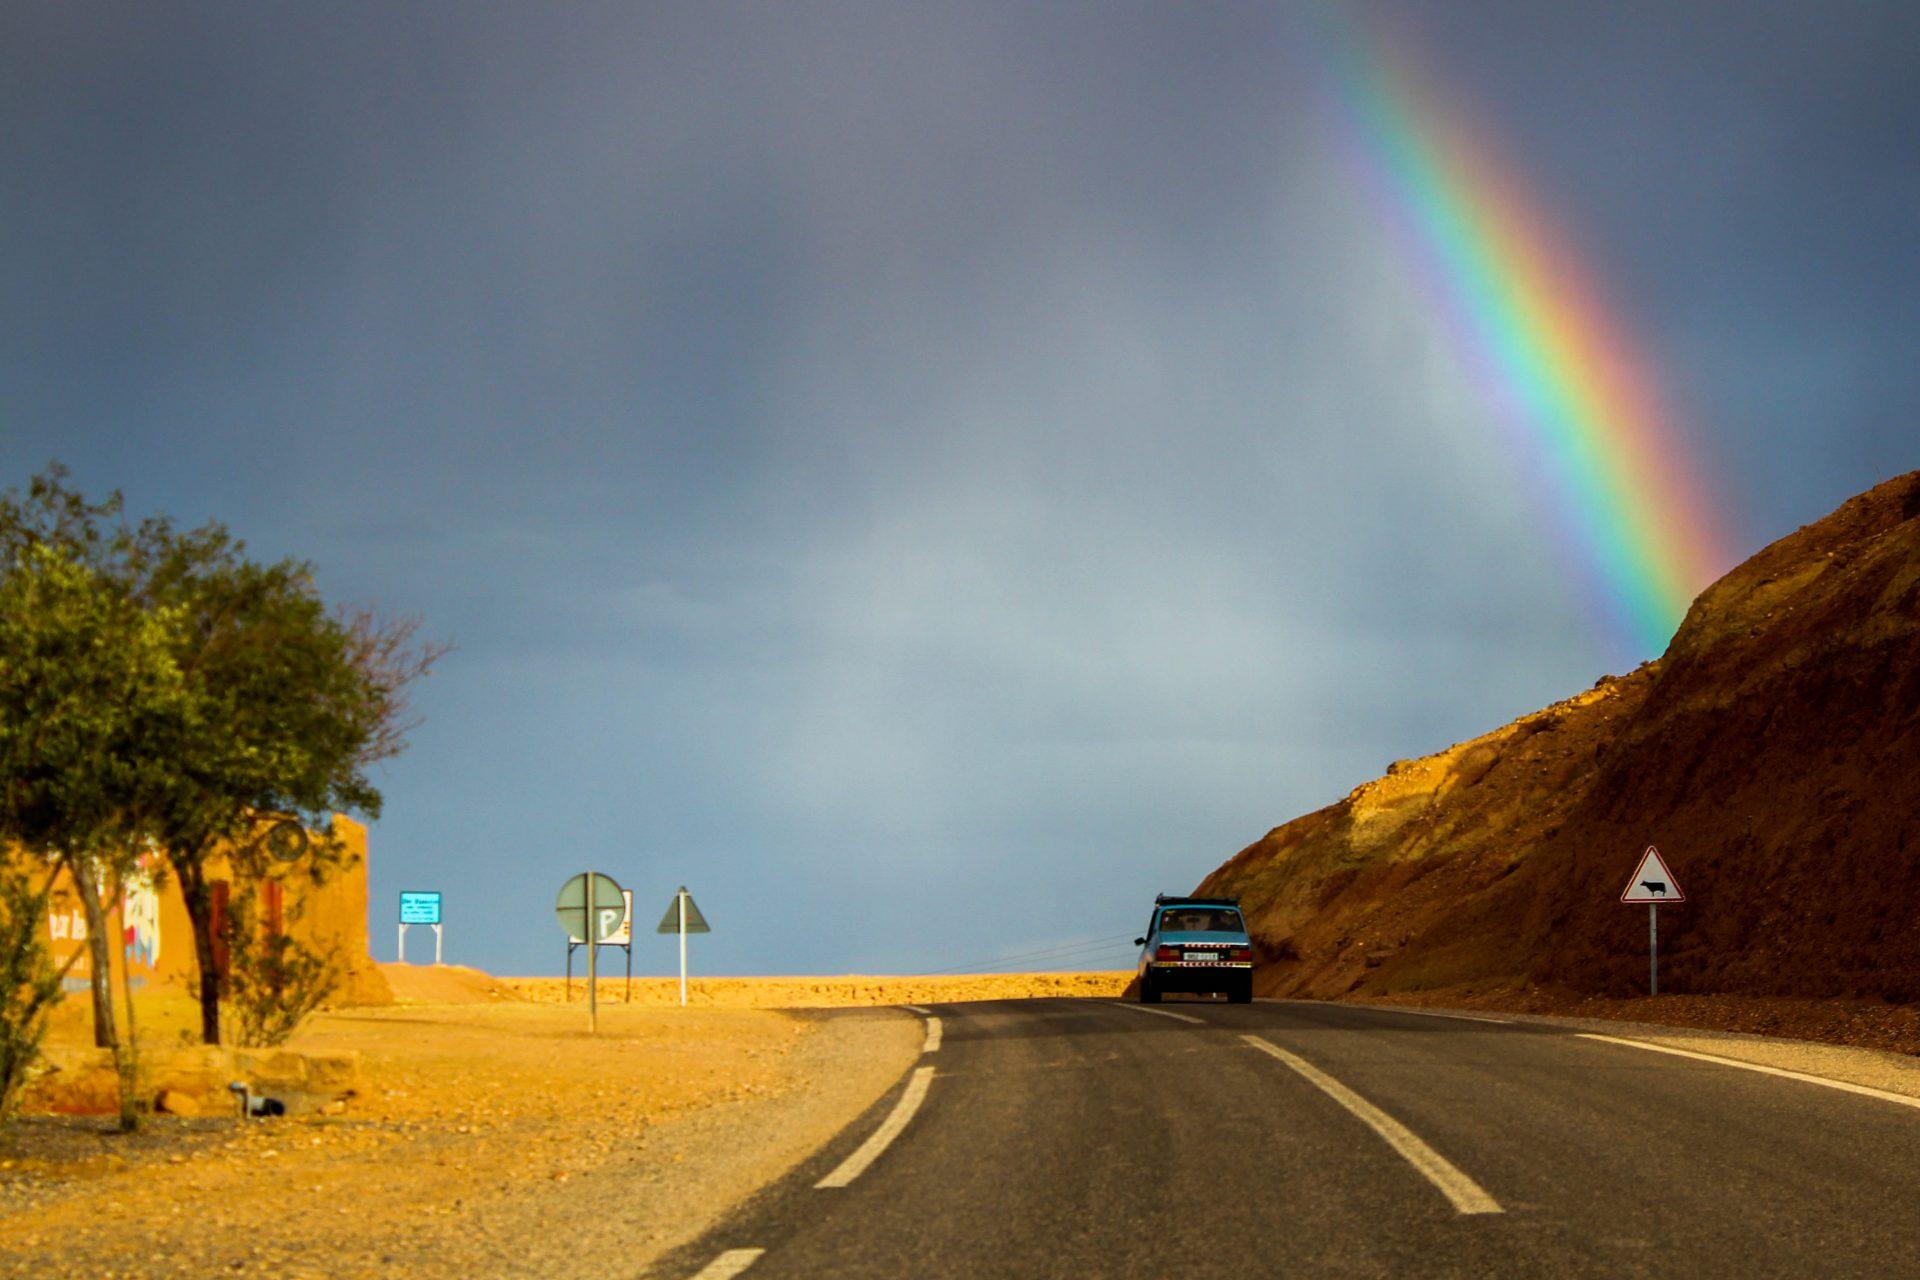 荒野の間を通る道路の上に虹がかかる様子